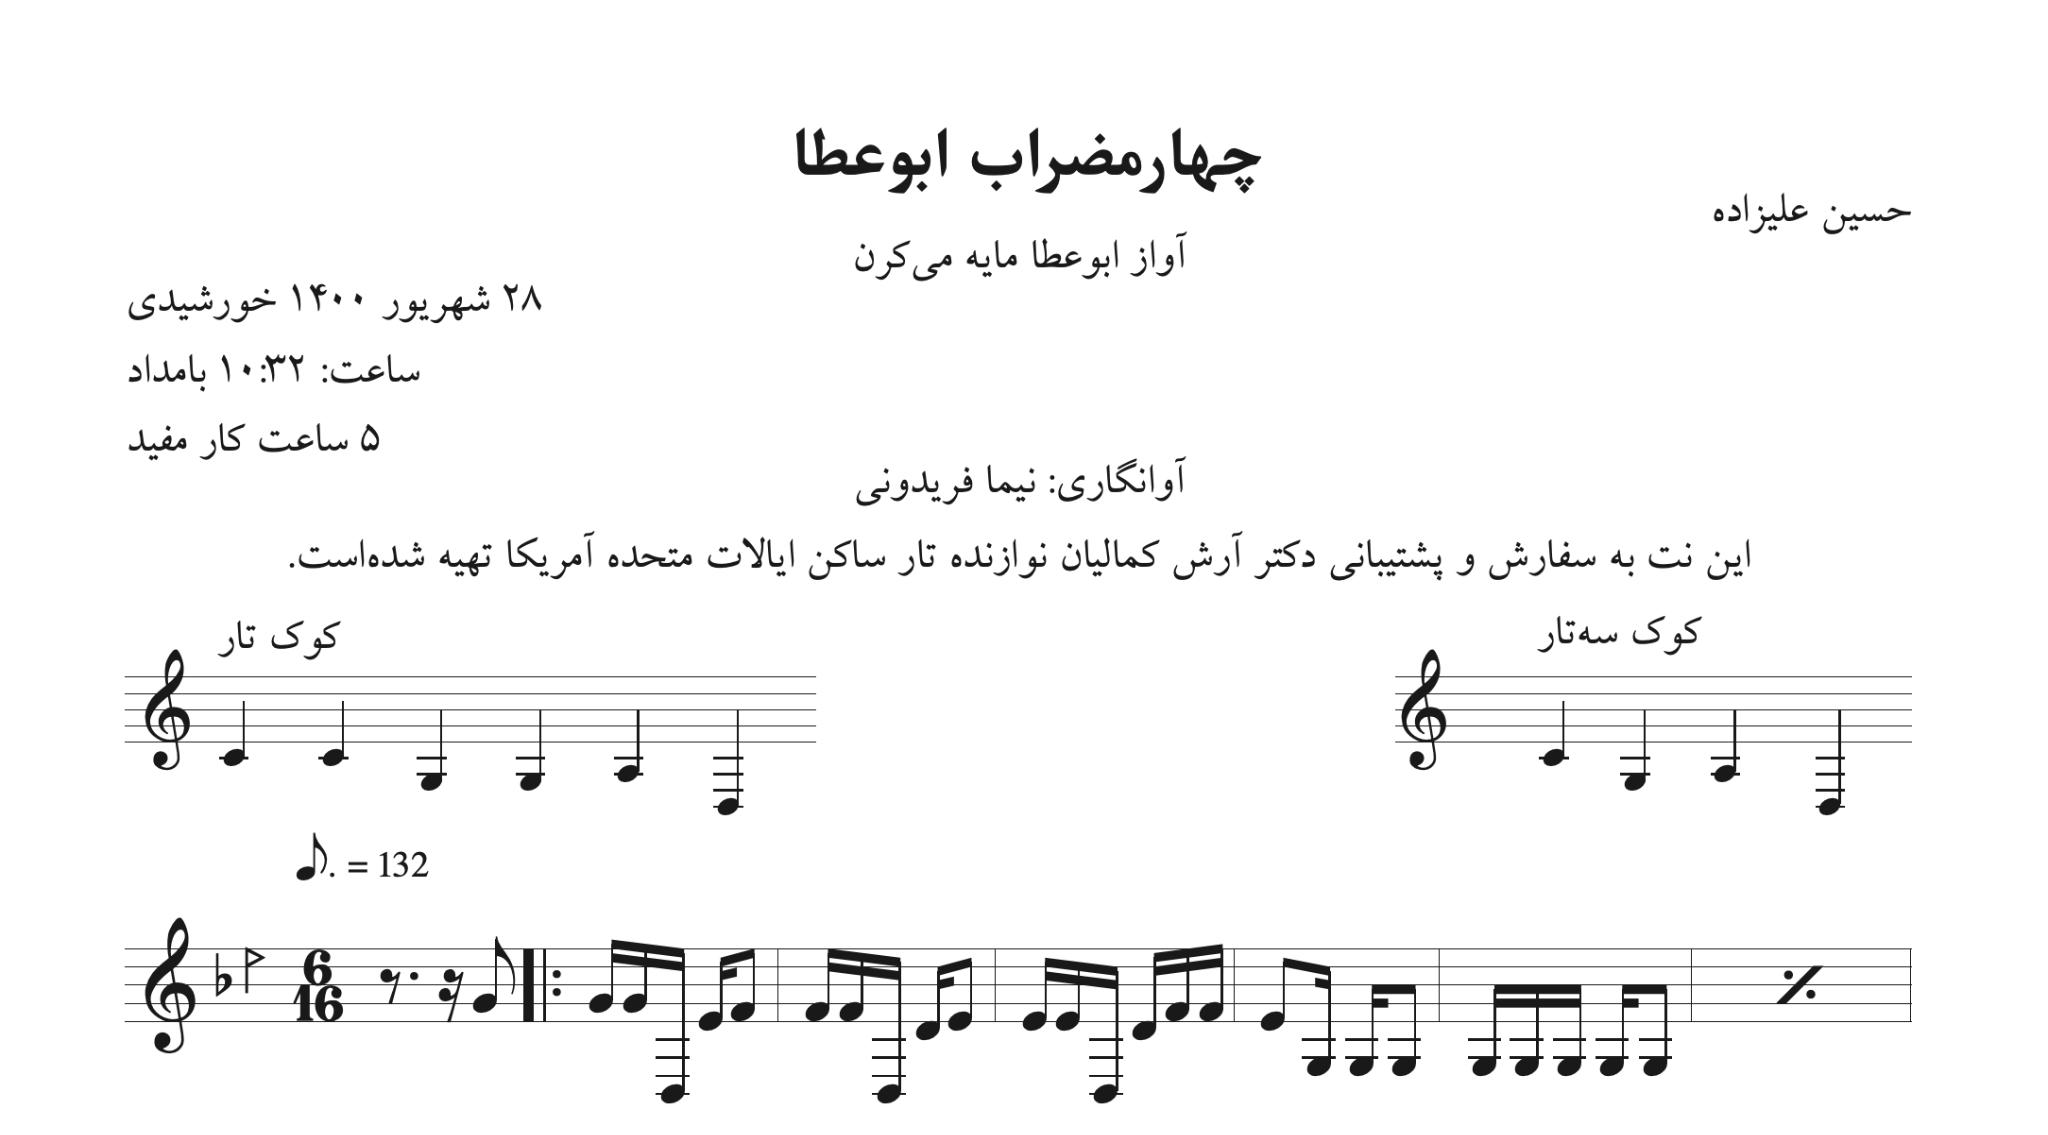 نت چهارمضراب ابوعطا اول حسین علیزاده آوانگاری نیما فریدونی